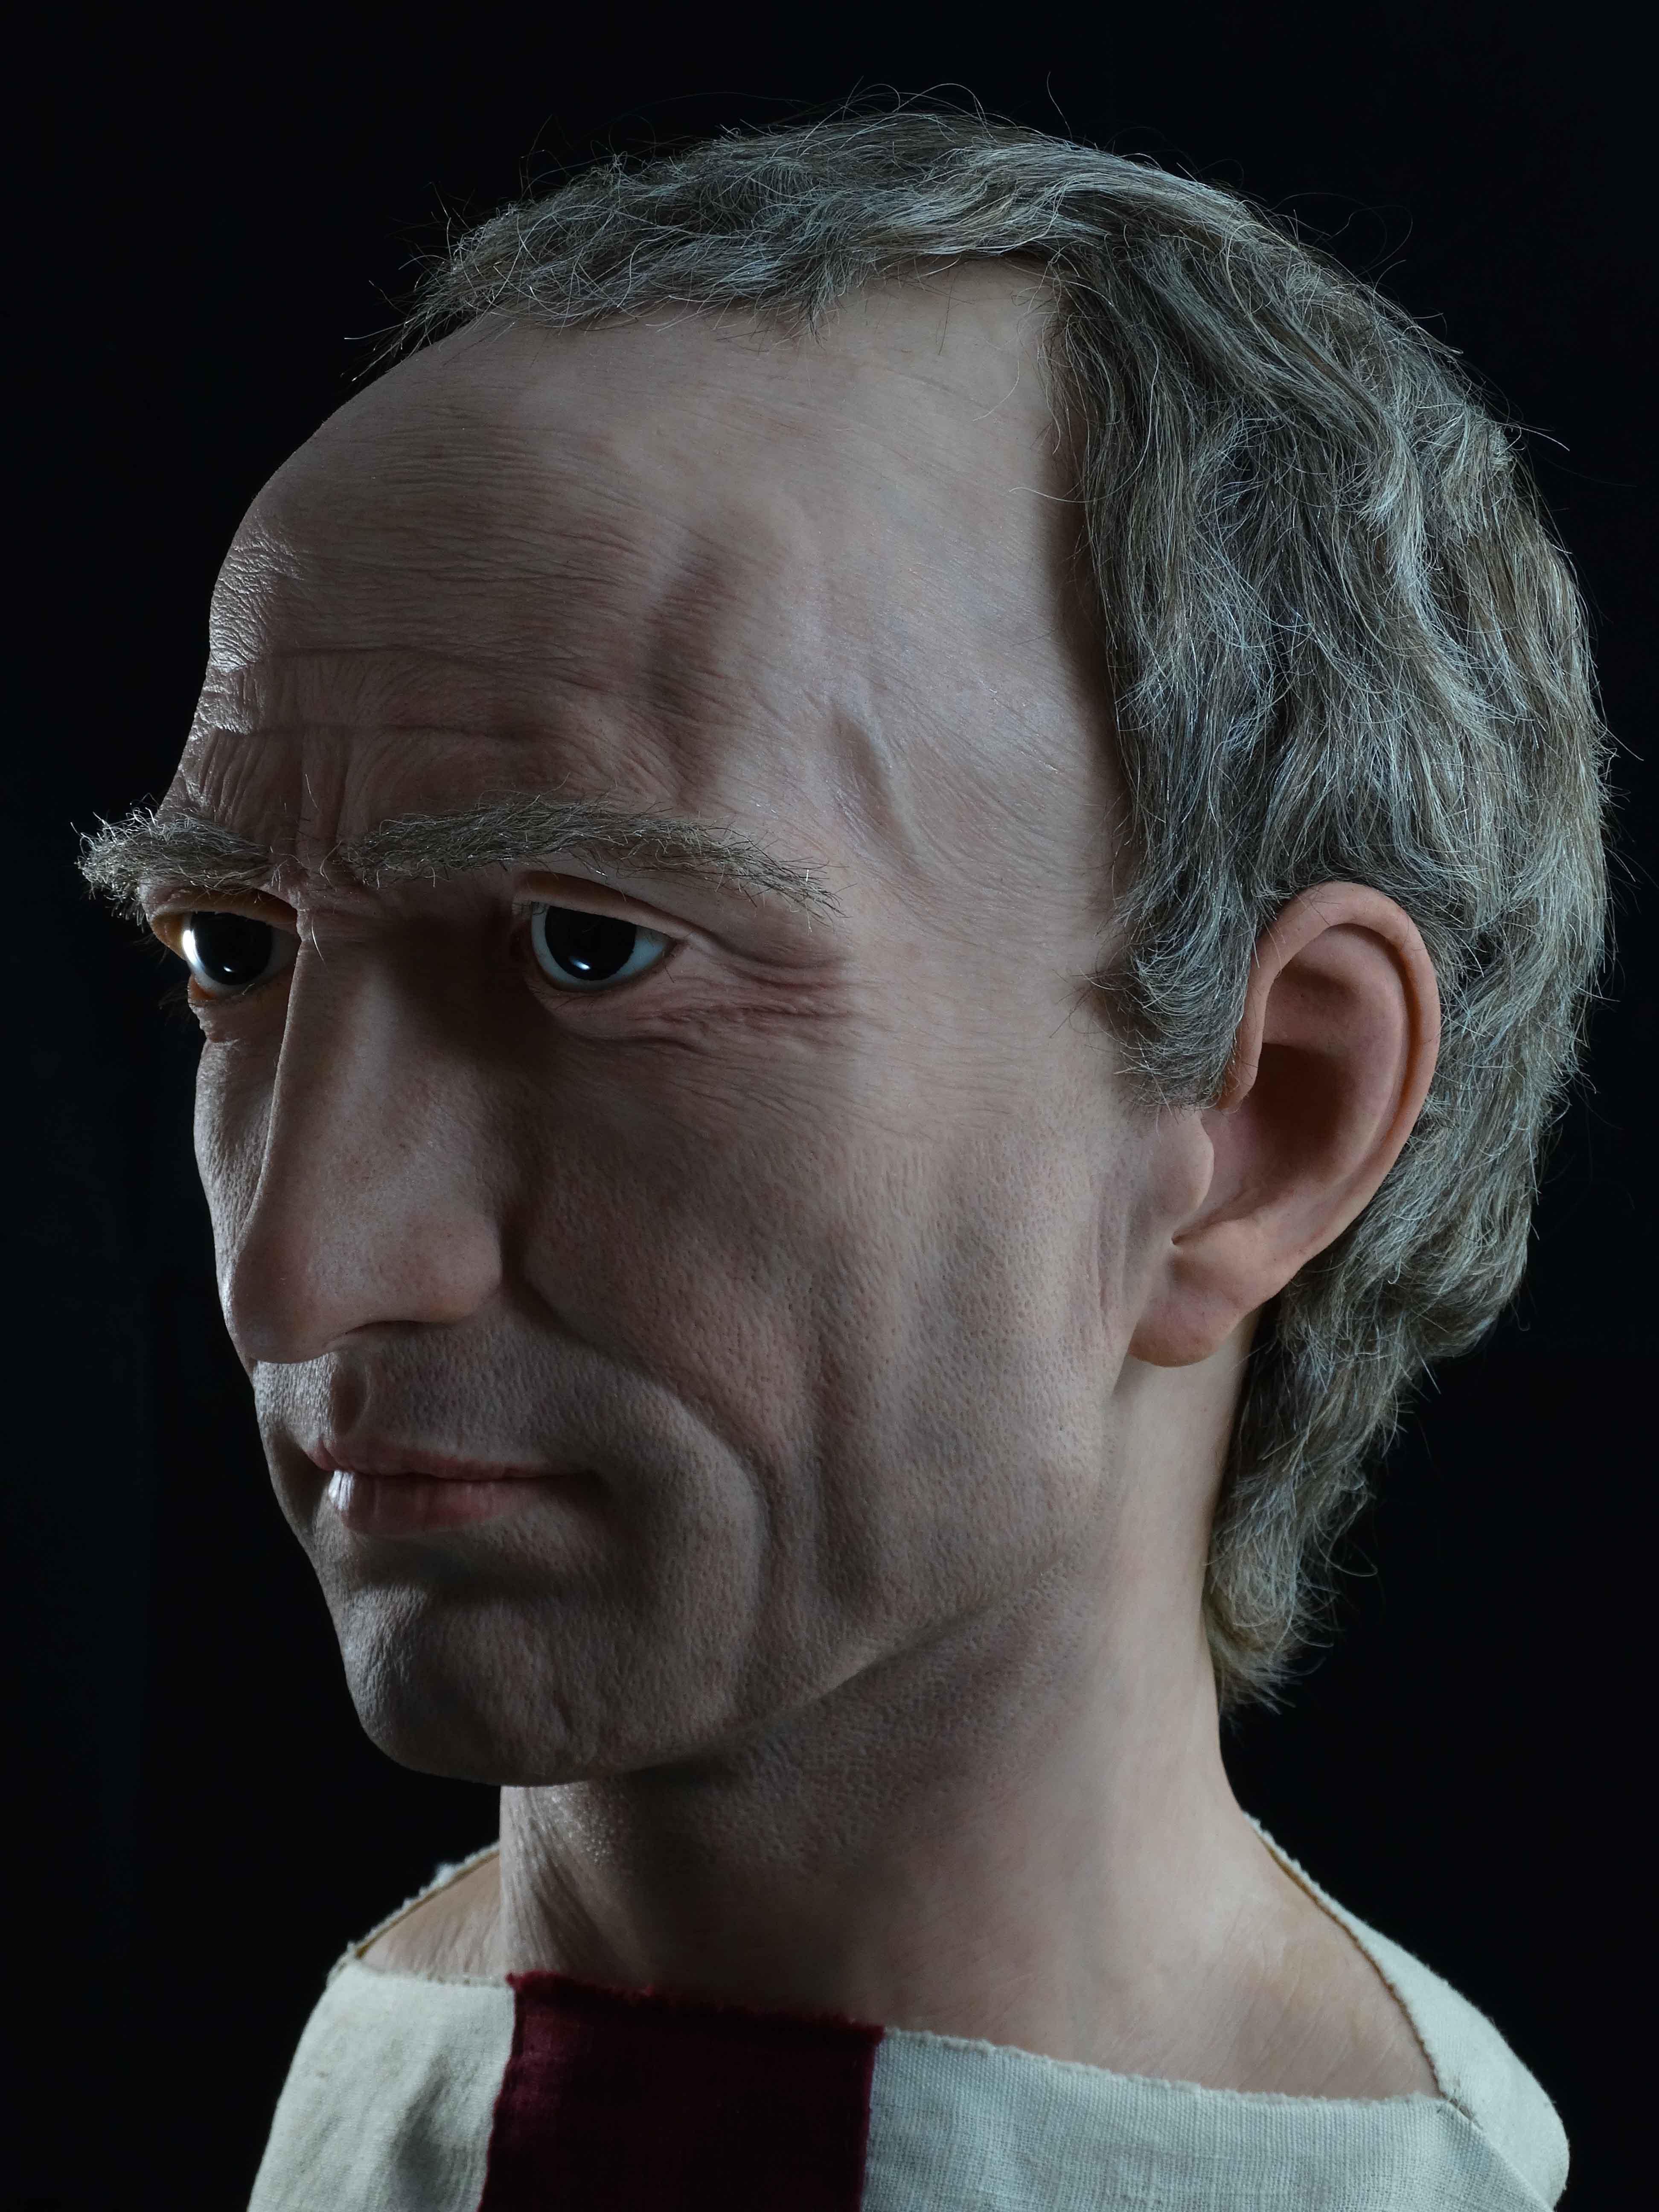 Политик, верен на популарската традиция, Цезар заедно с Марк Лициний Крас и Гней Помпей формира неофициалния Първи триумвират, който доминира римската политика за няколко години. Негова опозиция са оптиматите начело с Марк Порций Катон и Марк Калпурний Бибул.